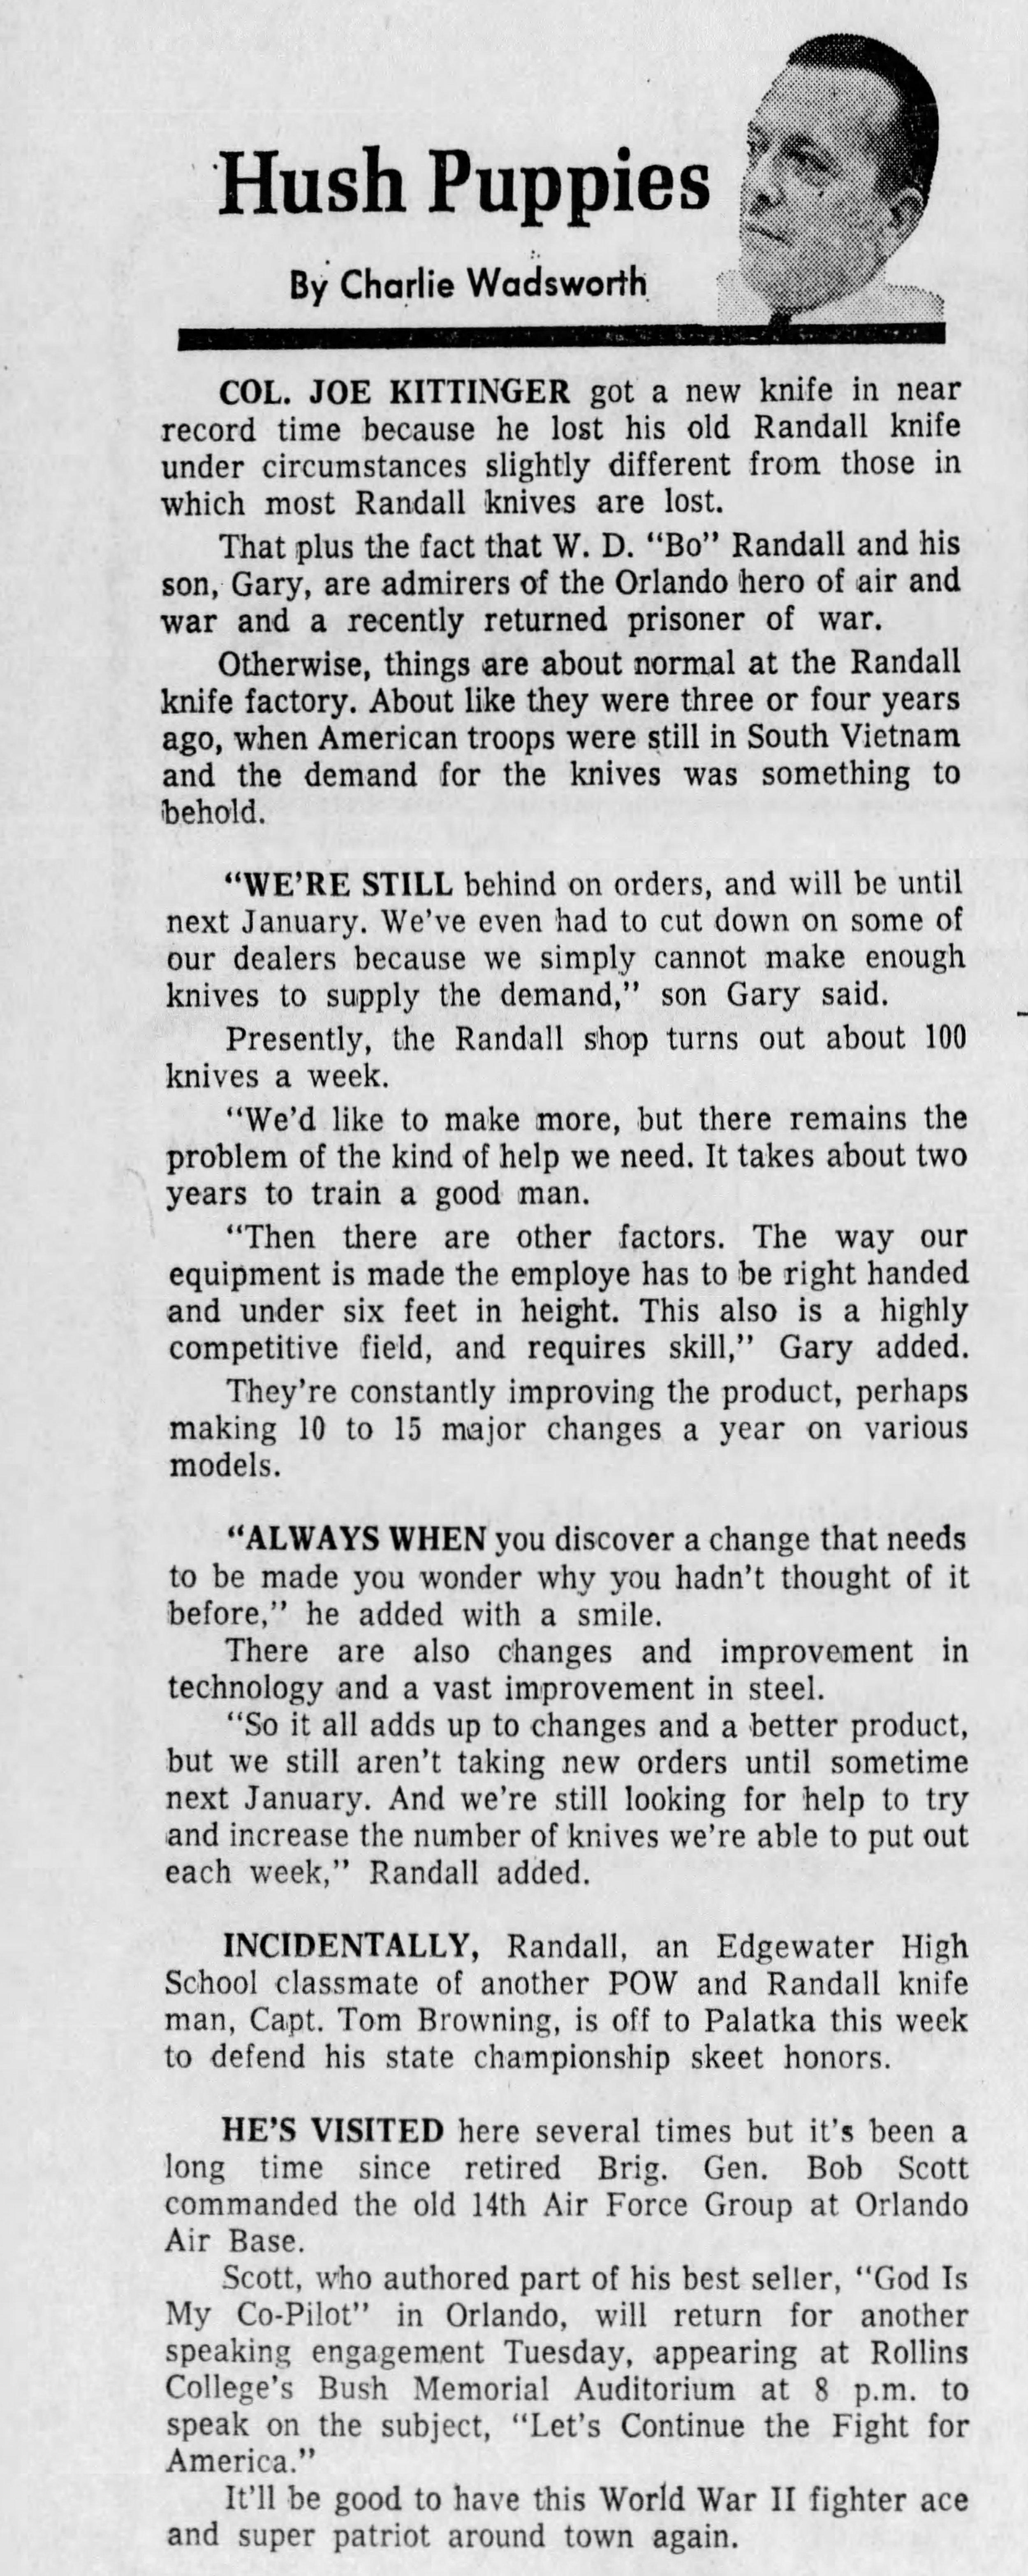 The_Orlando_Sentinel_Fri__Apr_27__1973_.jpg